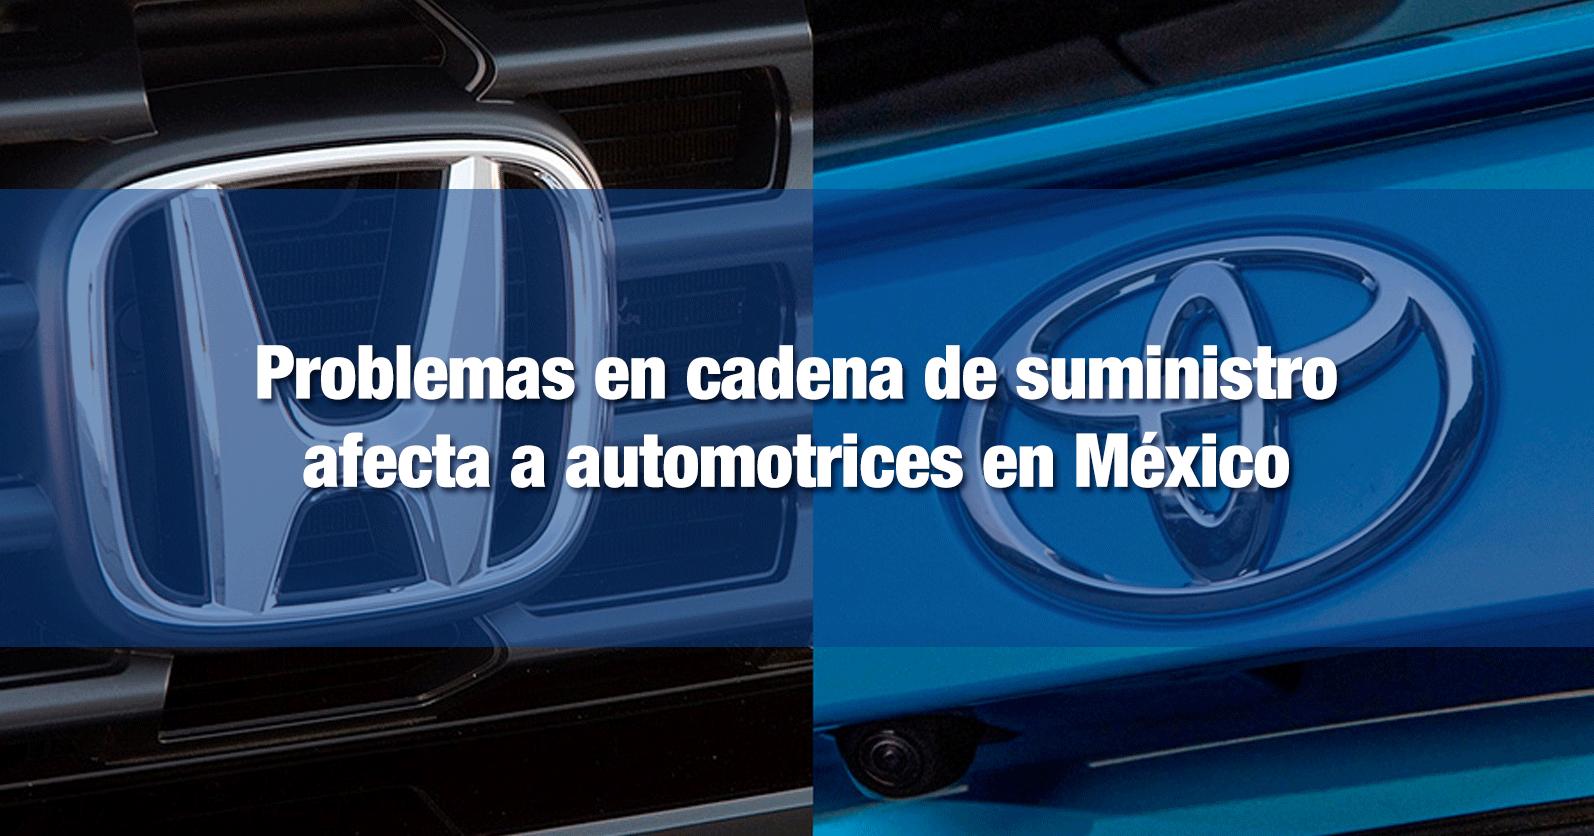 Problemas en cadena de suministro afecta a automotrices en México